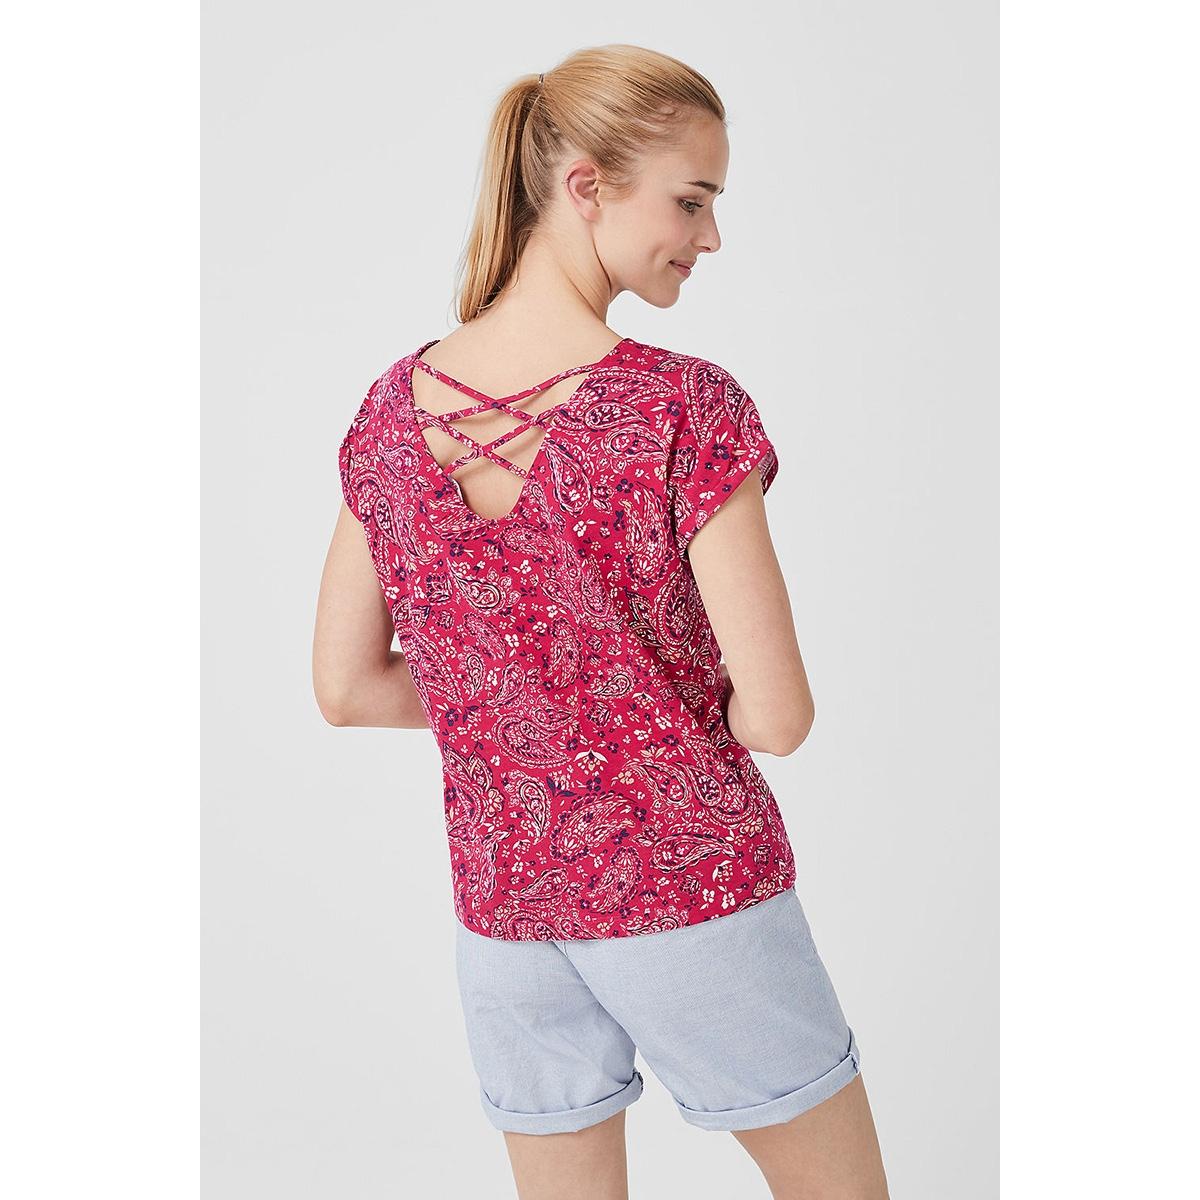 t shirt met open rug 14906326931 s.oliver t-shirt 45b6